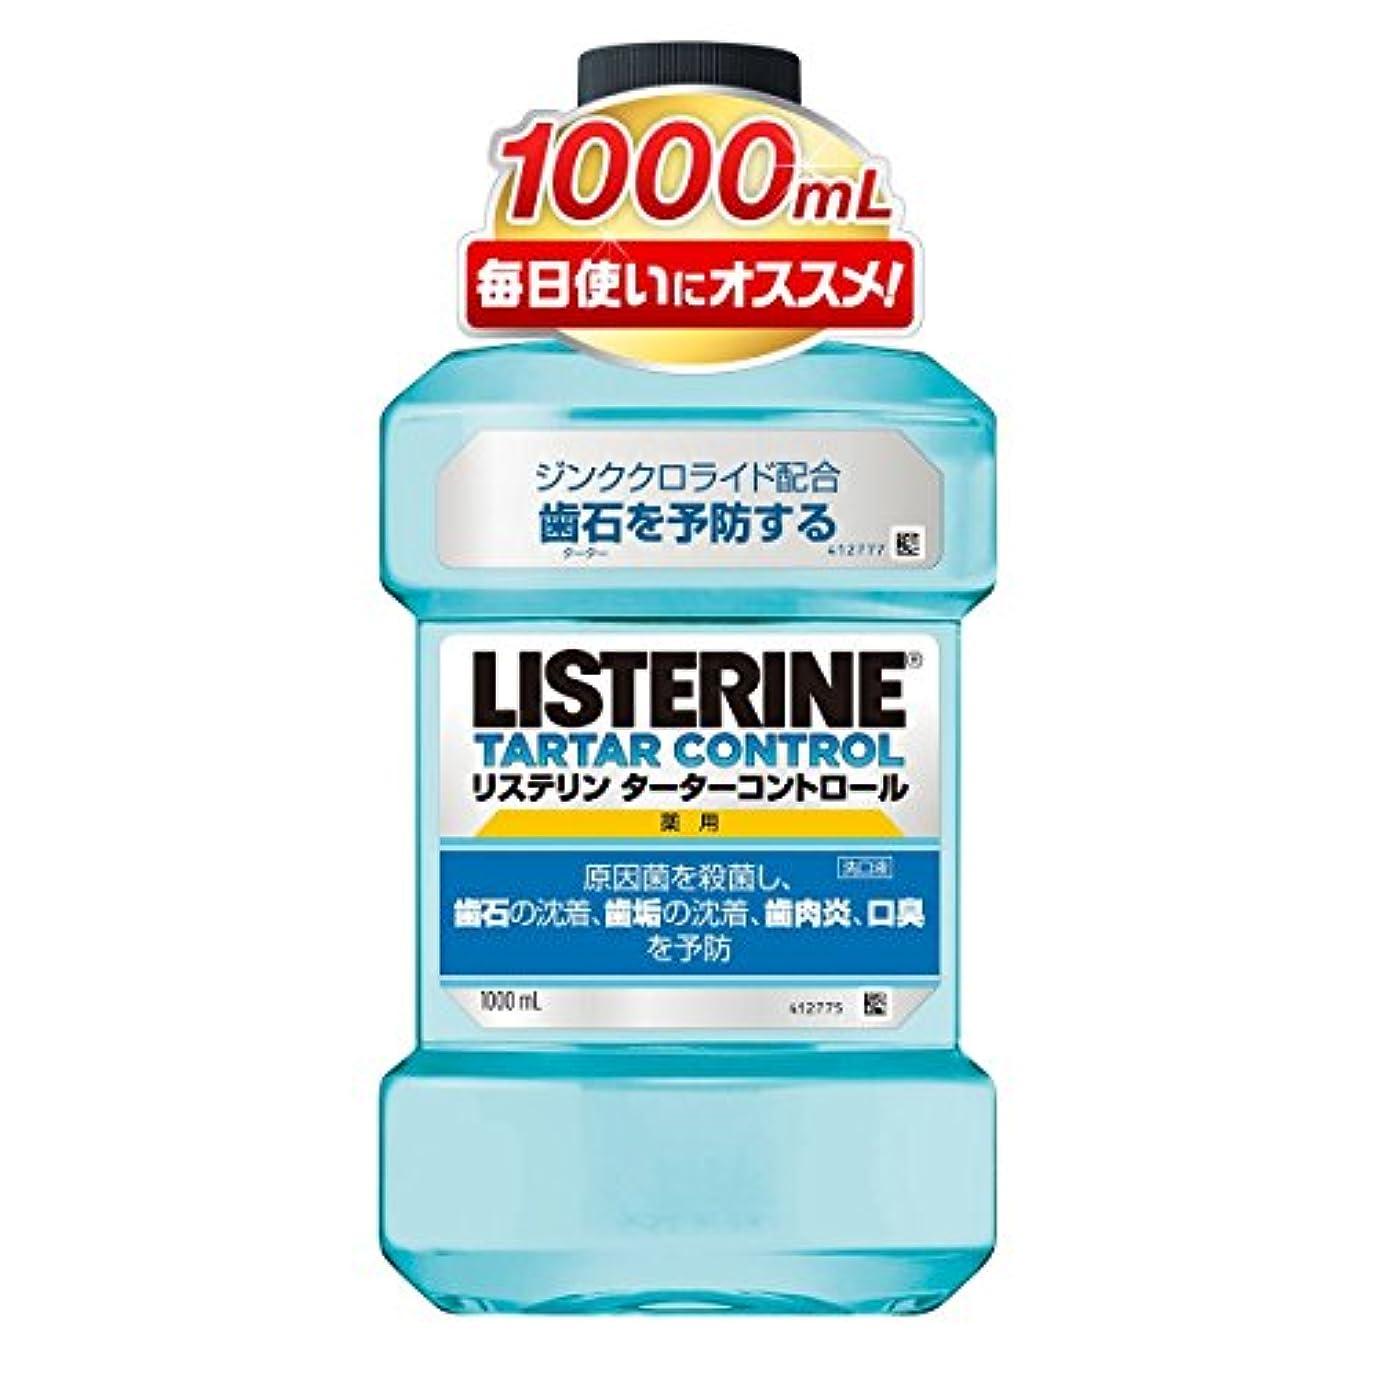 三十有効なただ[医薬部外品] 薬用 リステリン マウスウォッシュ ターターコントロール 1000mL